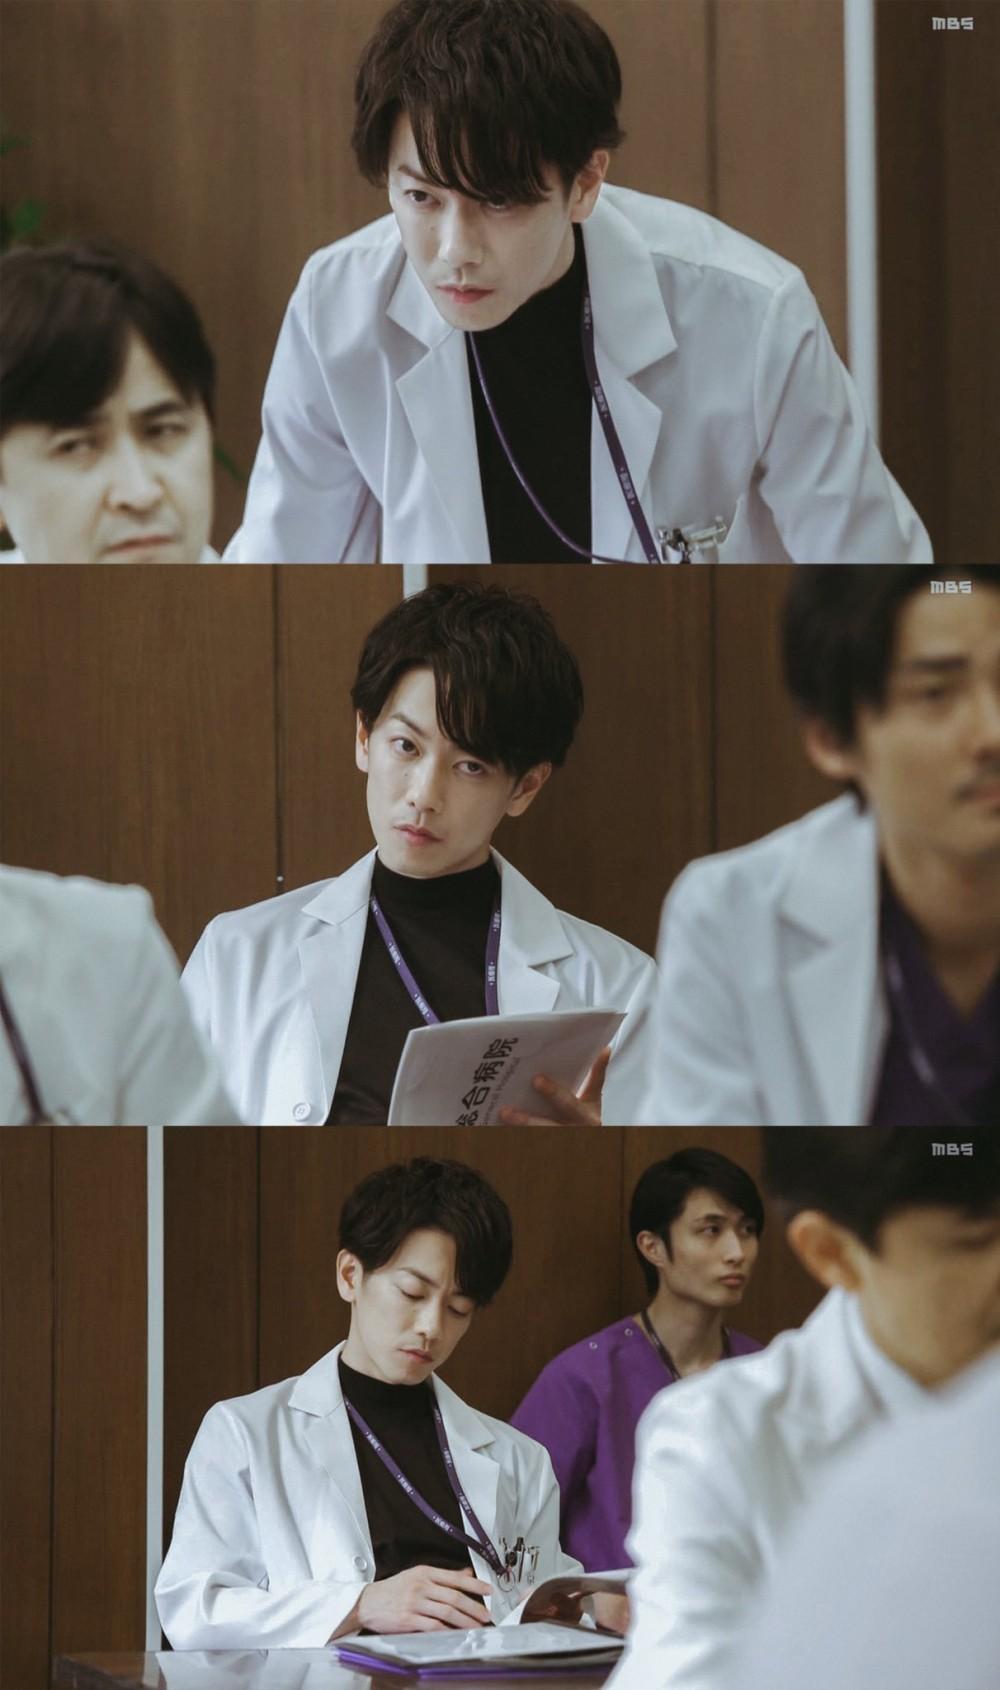 佐藤健「天堂醫生」